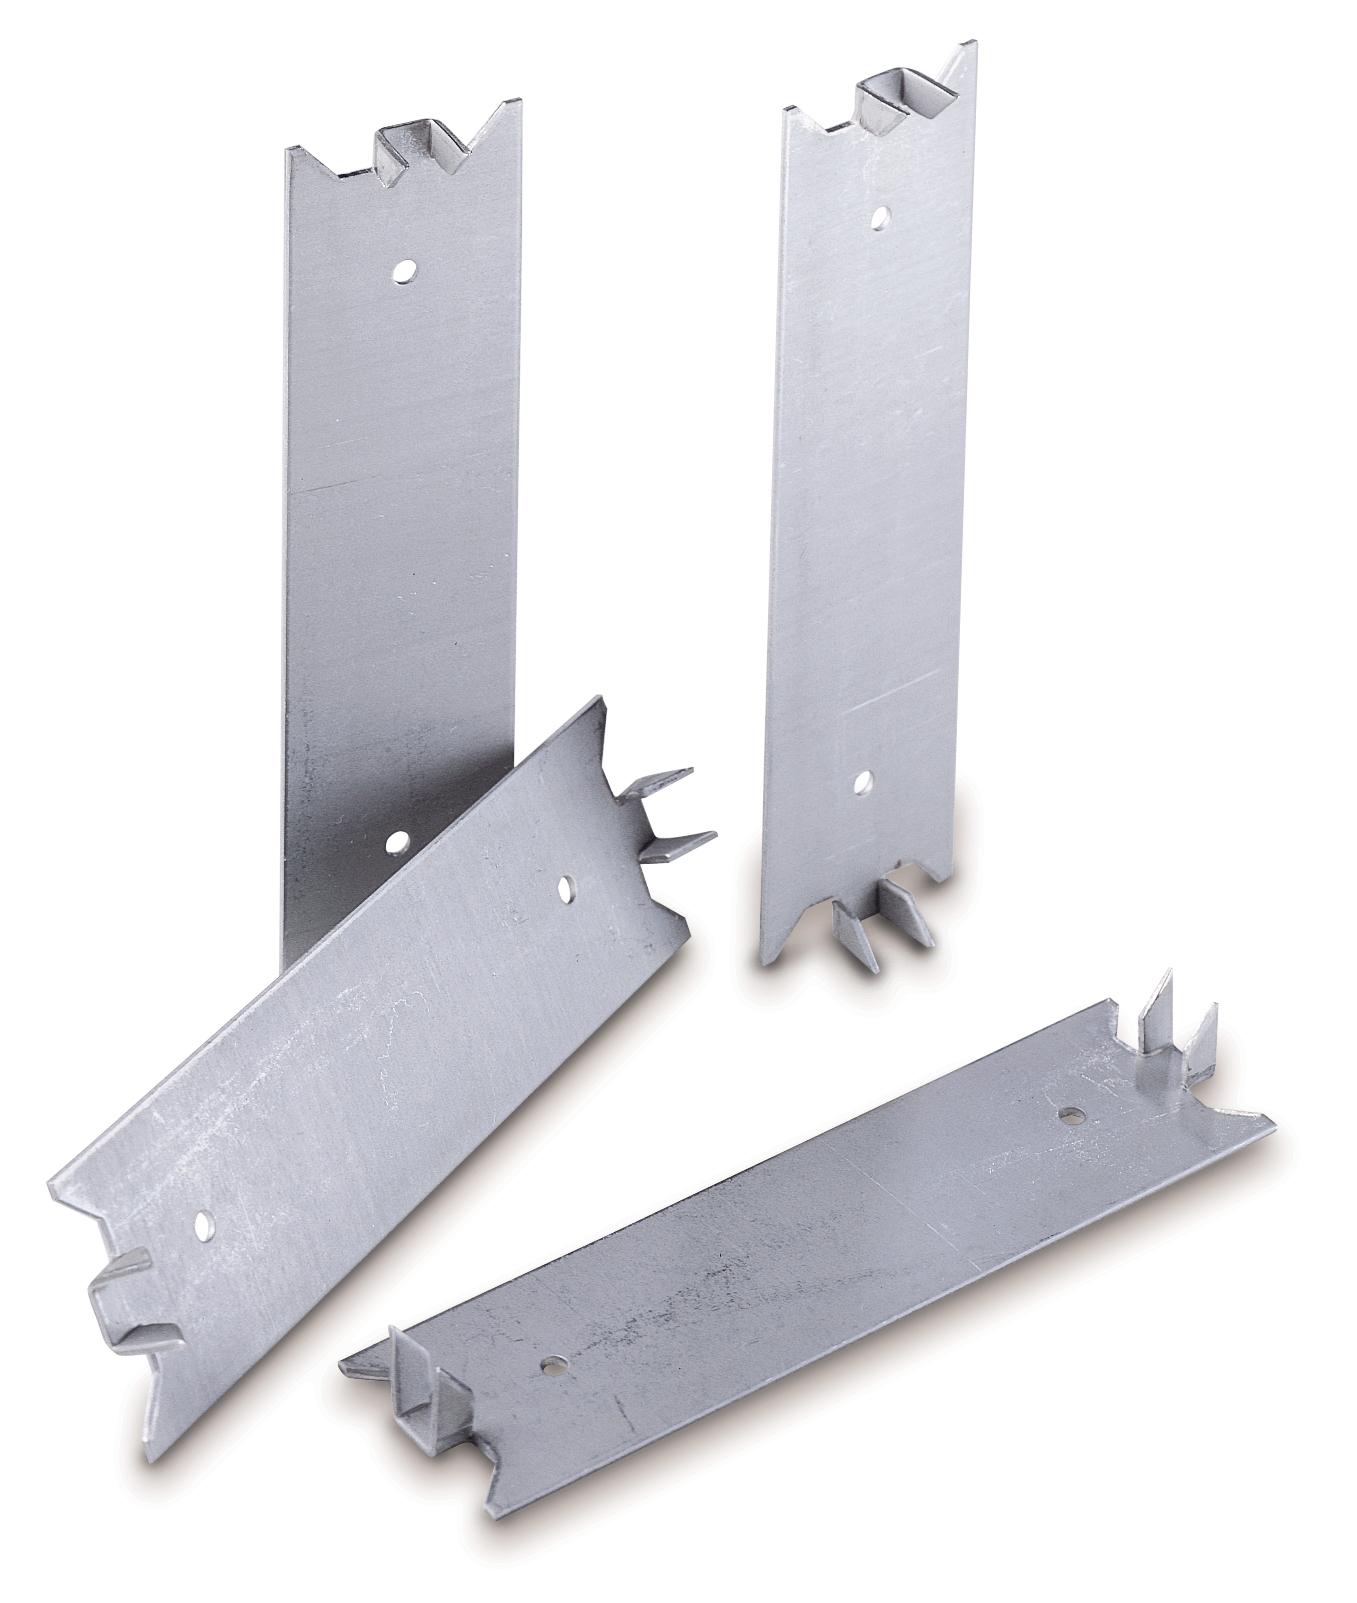 """Gardner-Bender FP159-6 Saf-Te Plate Protector, 1-1/2"""" x 6"""""""